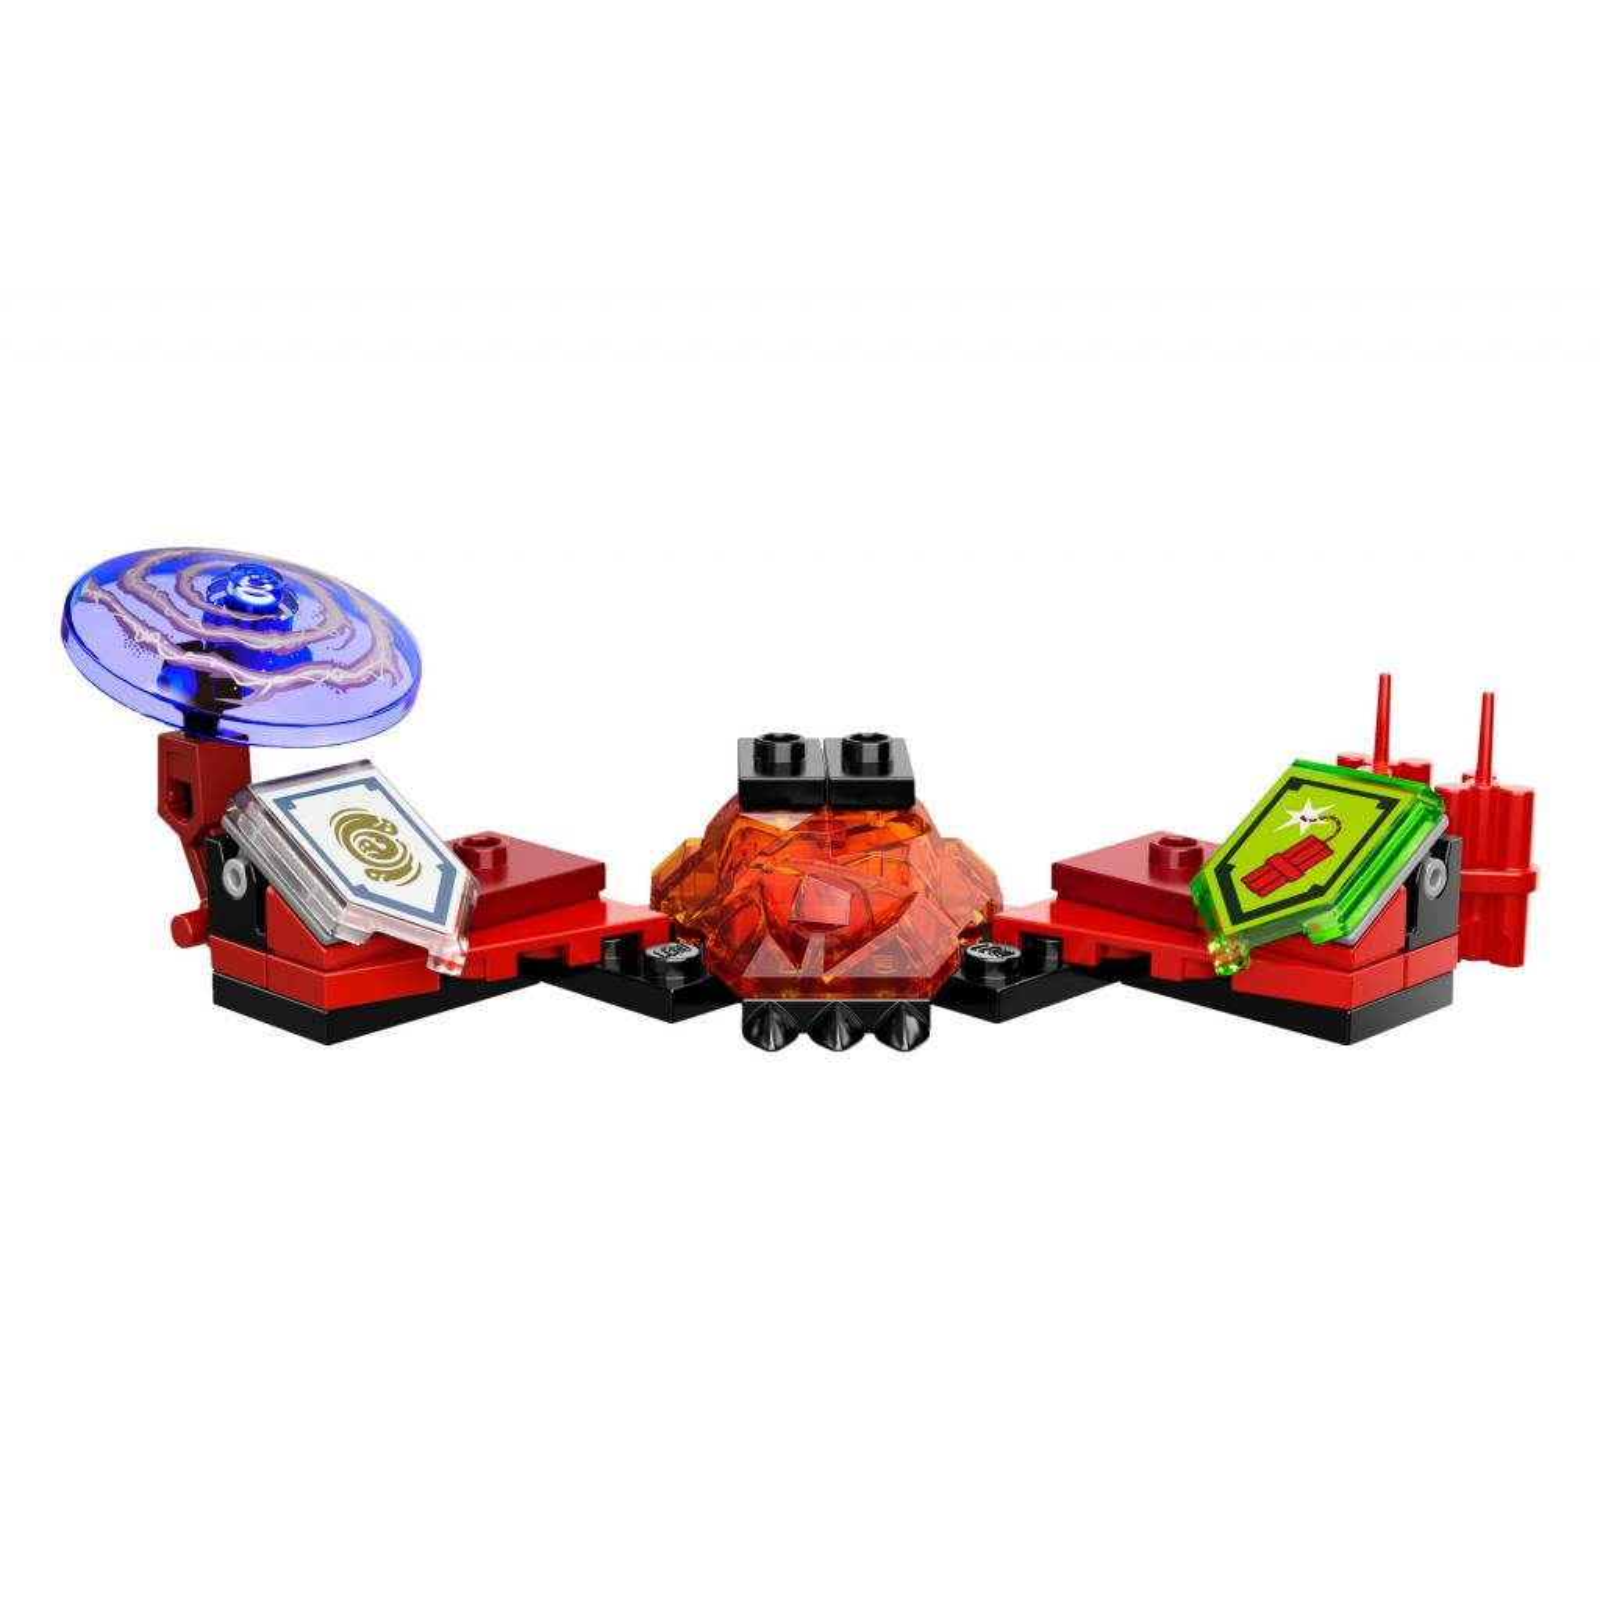 Конструктор LEGO Nexo Knights Предводитель монстров Абсолютная сила (70334) изображение 5